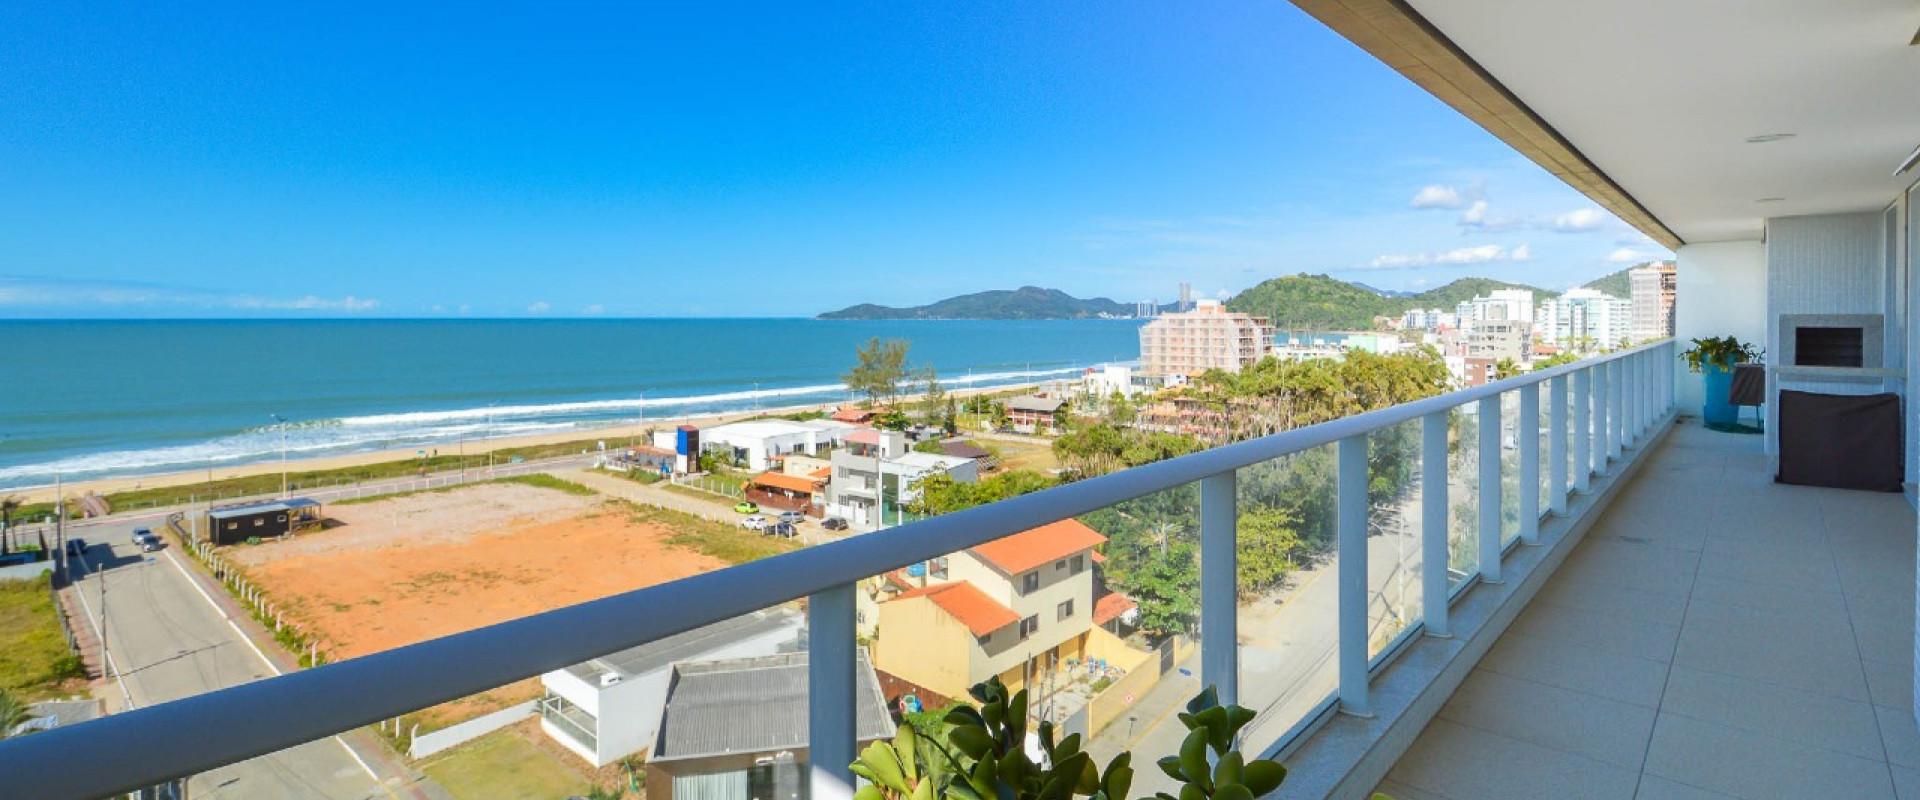 Amores da Brava Apartamento com vista para o mar no Amores da Brava na Praia Brava em Itajaí